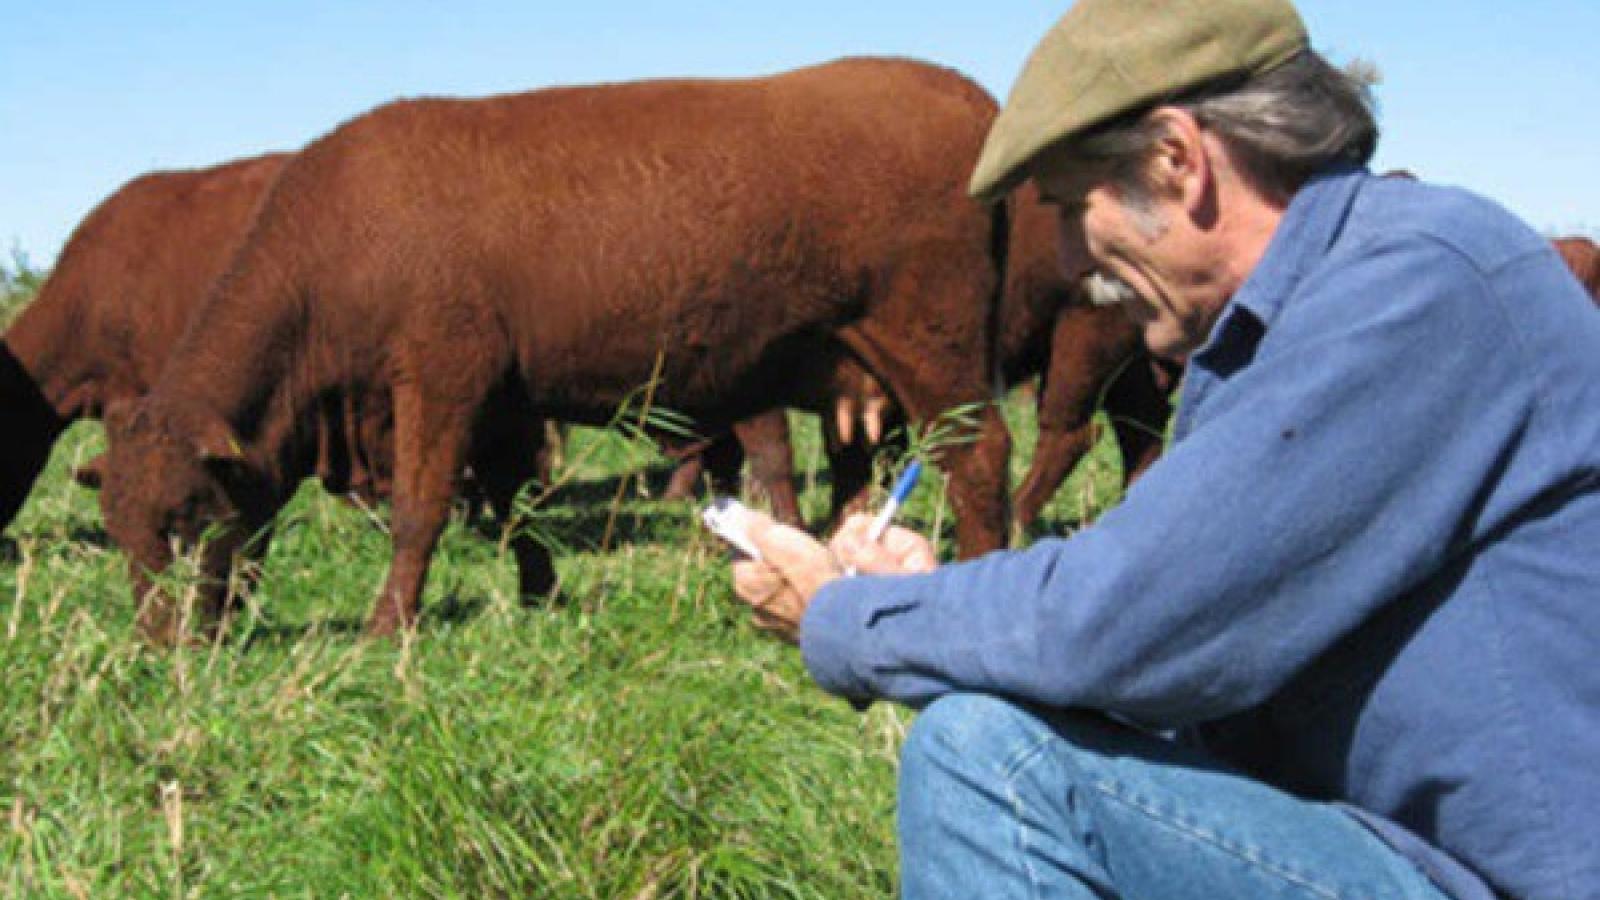 Nông dân Mỹ tiêu hủy hàng ngàn gia súc, hàng triệu gia cầm do Covid-19